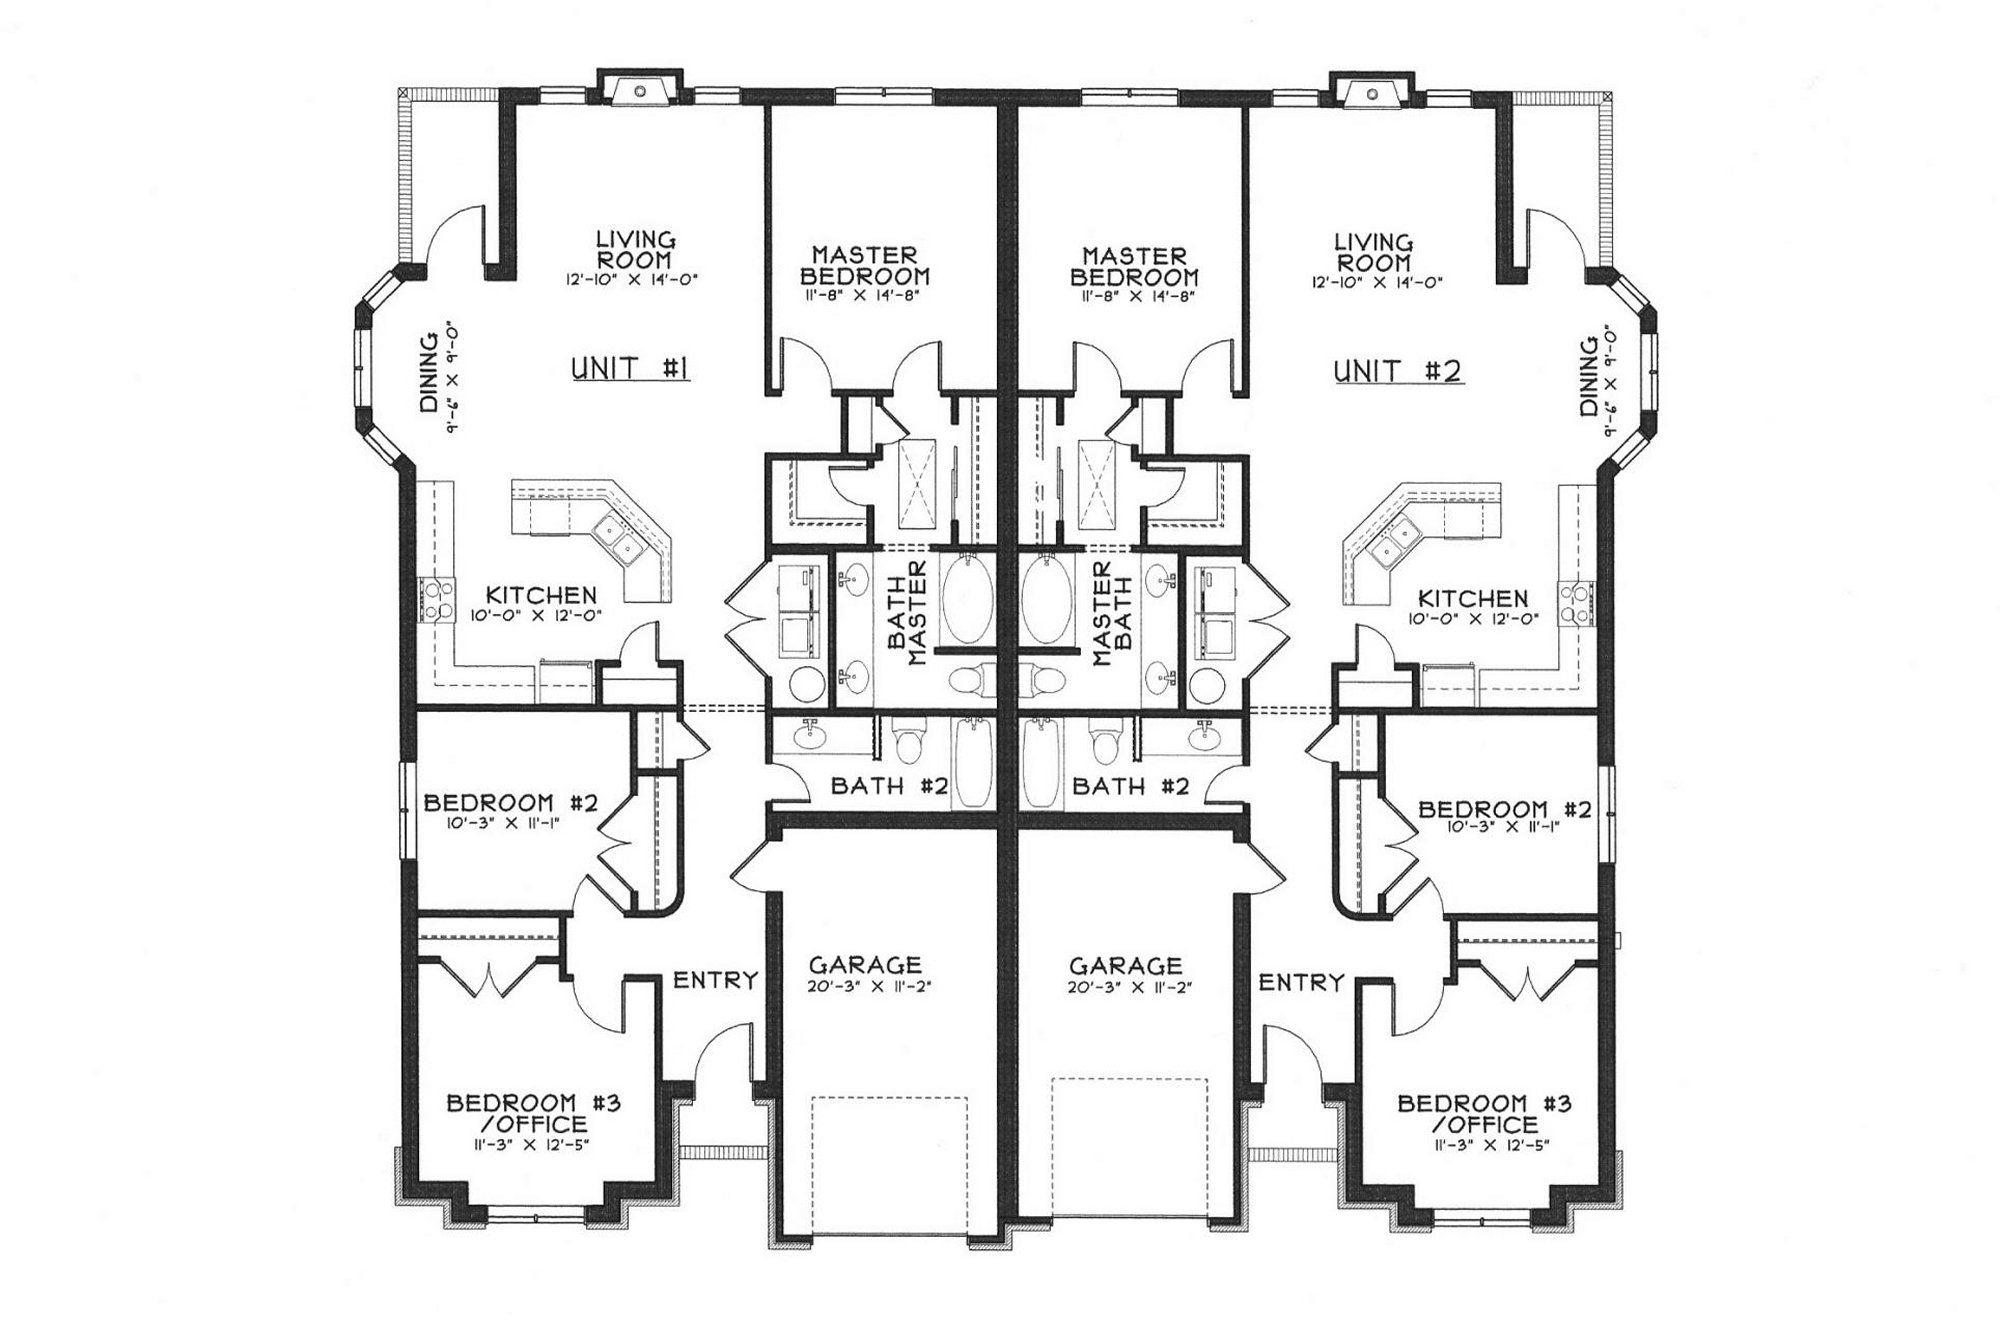 Duplex House Plans Free Download Modern Designs Floor